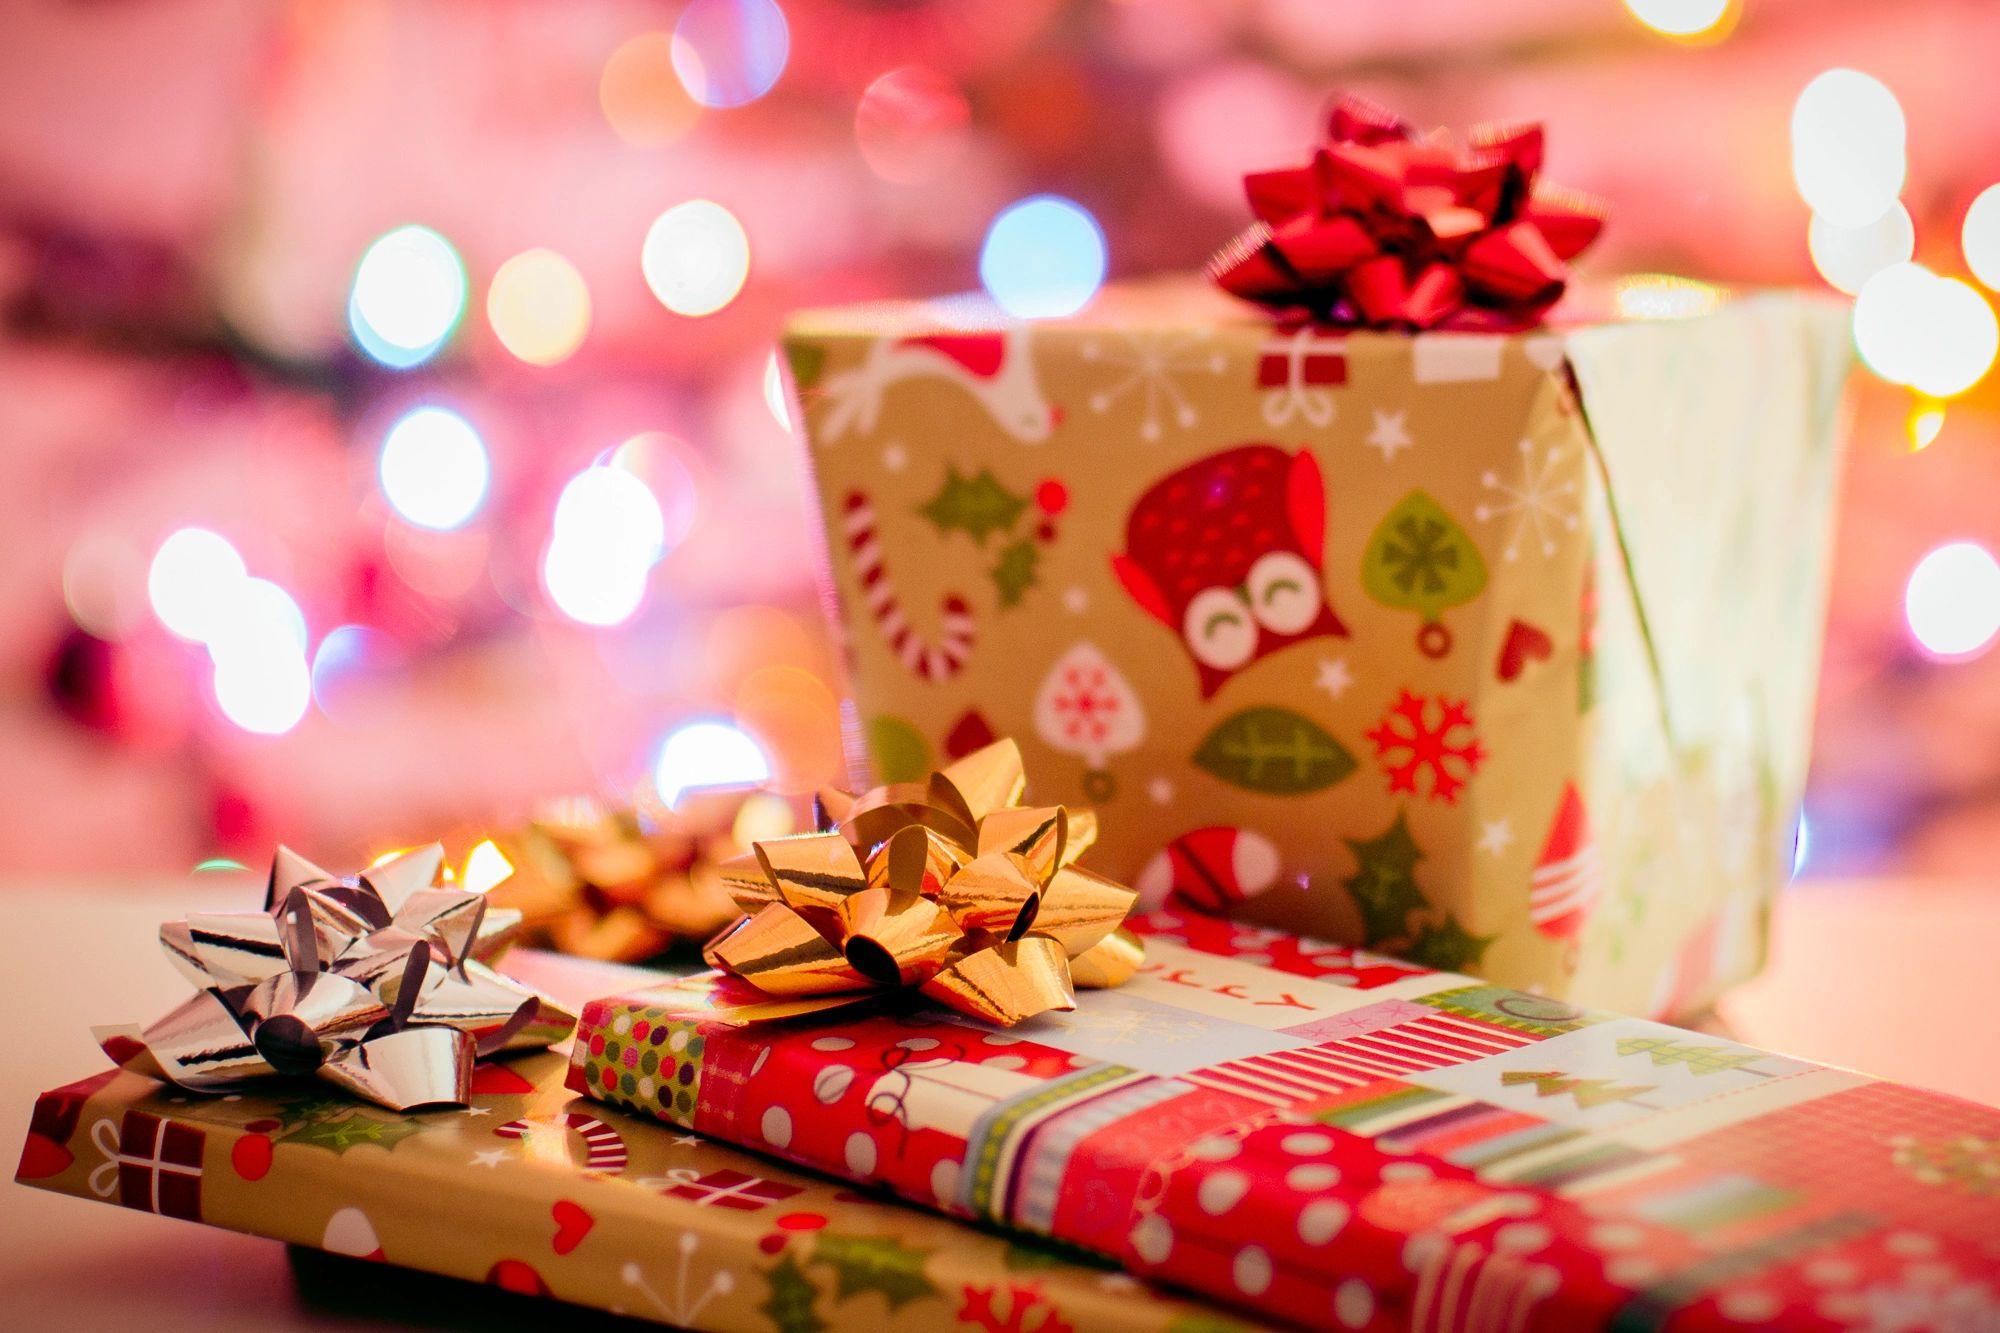 Union made gift ideas nwlaborpress negle Images